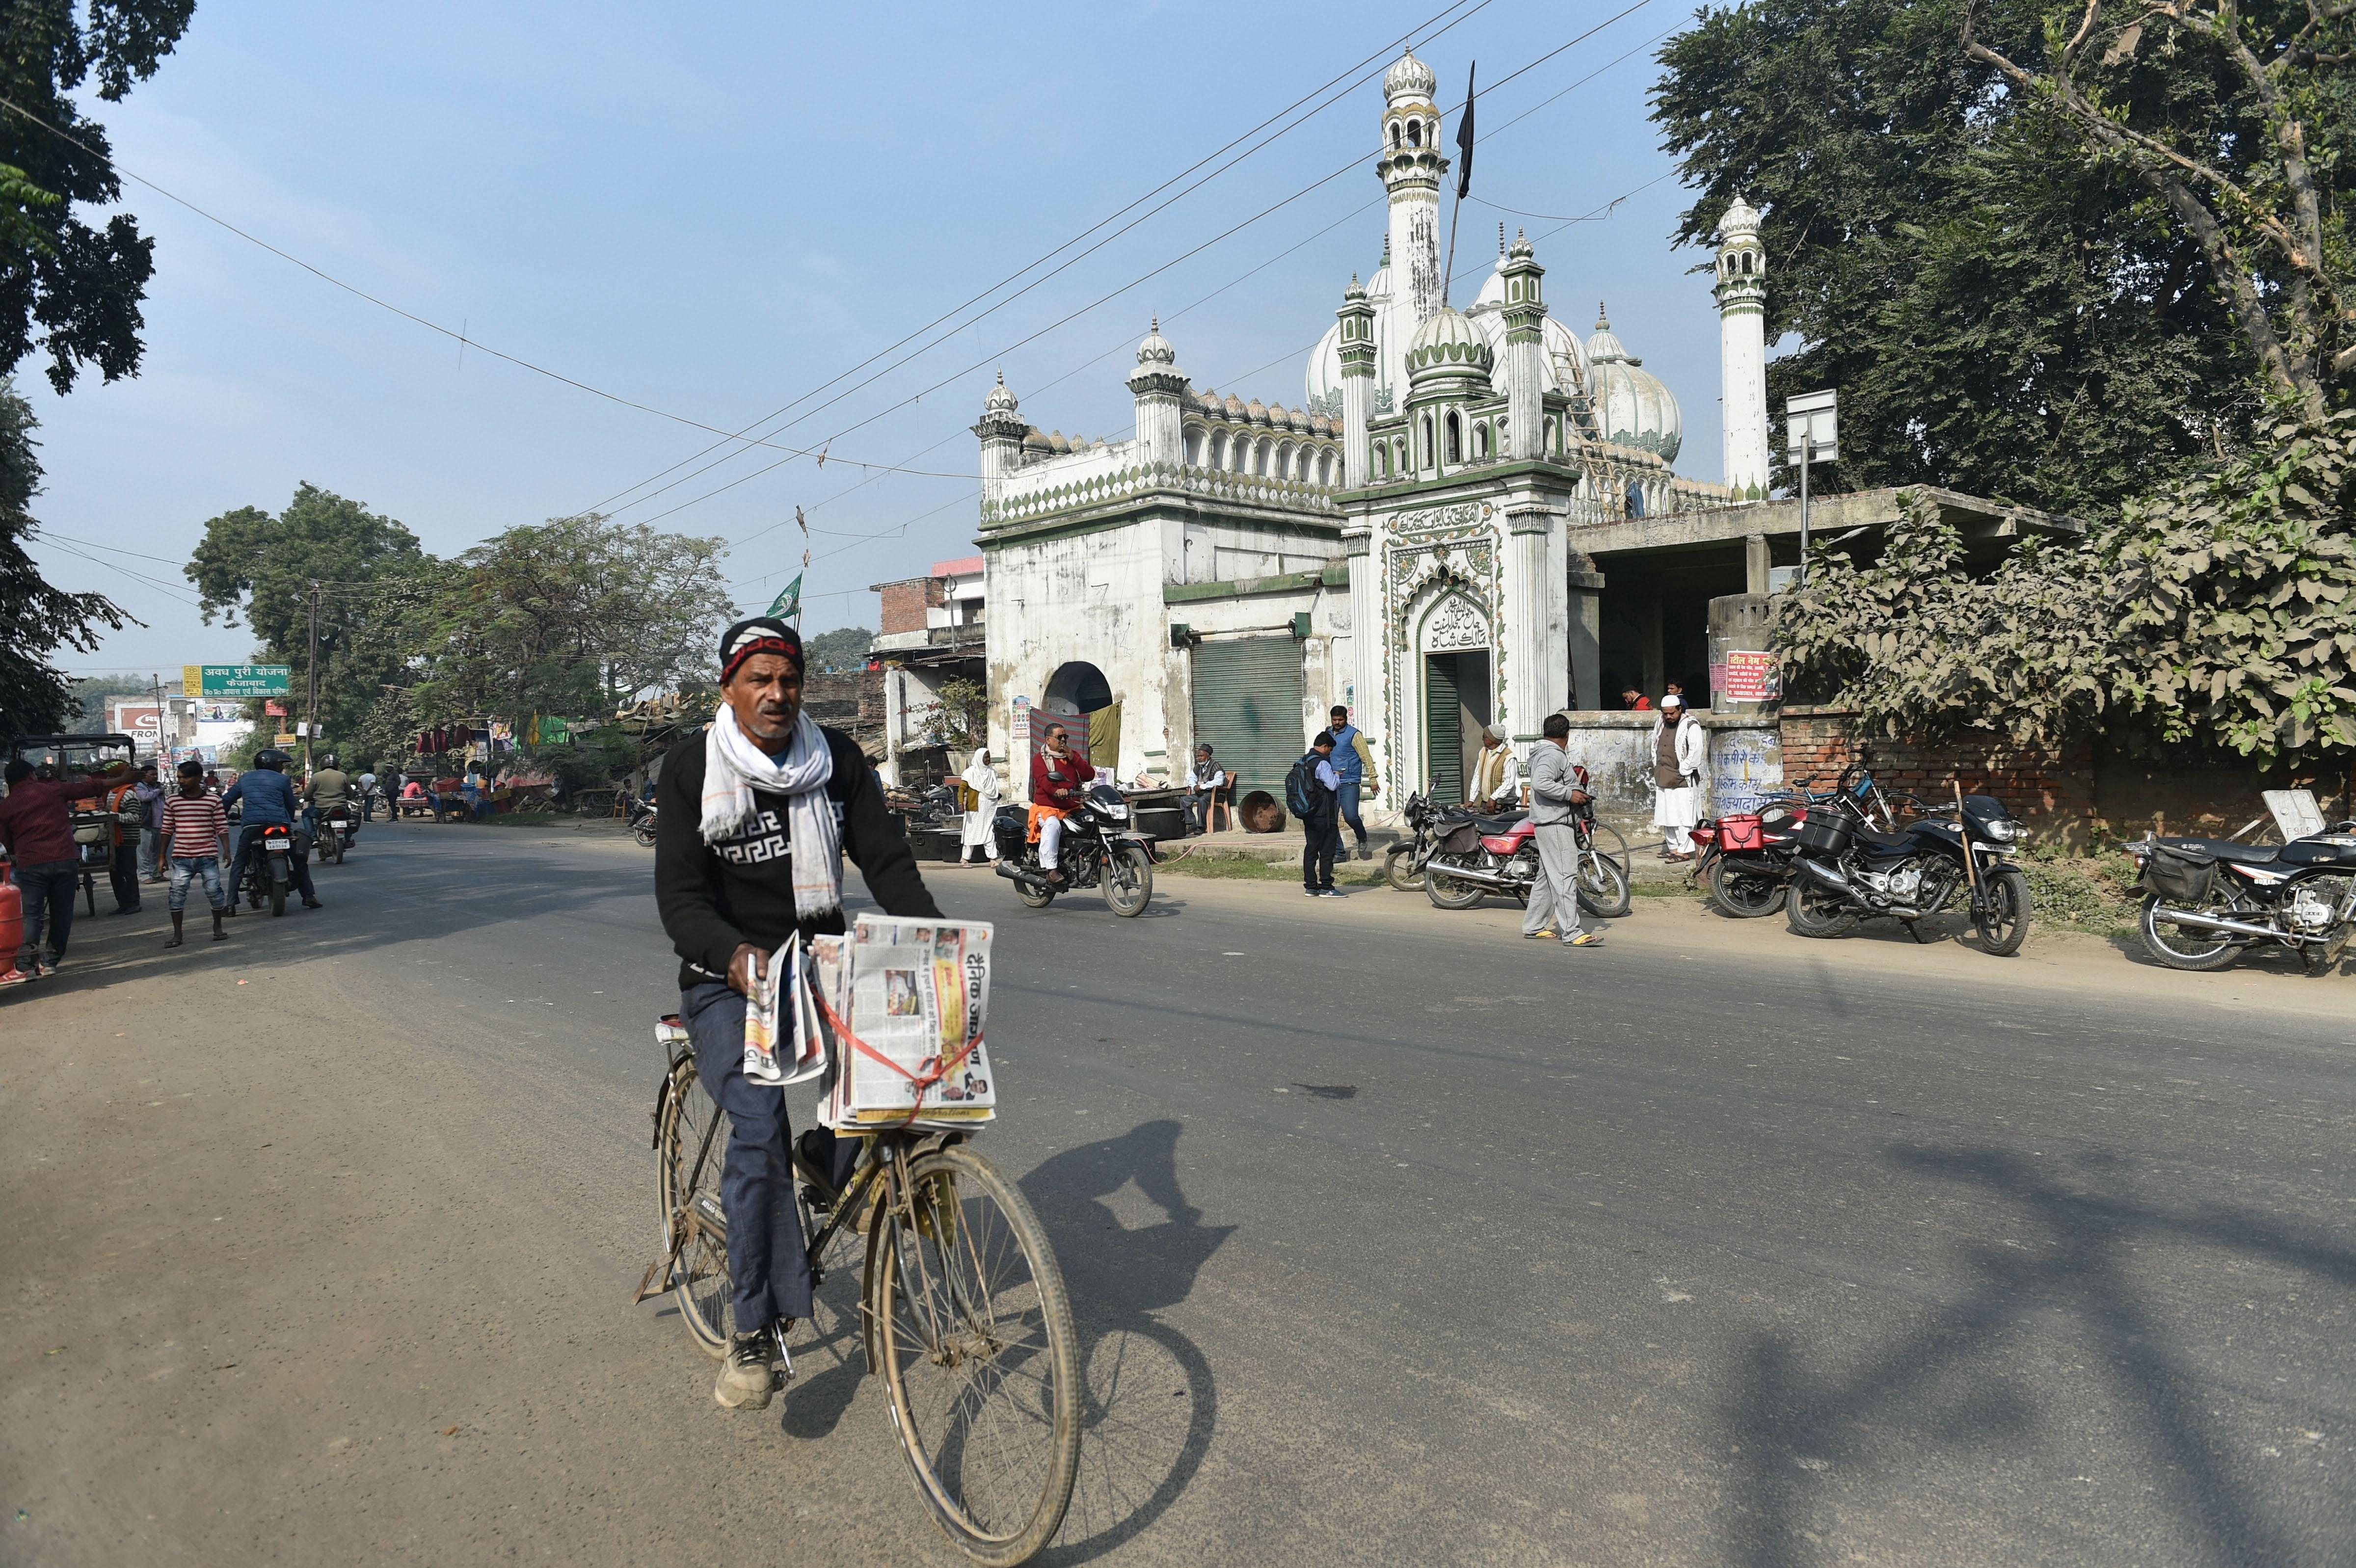 A cyclist rides past Jama Masjid Malik Shah, in Ayodhya, Friday, December 6, 2019